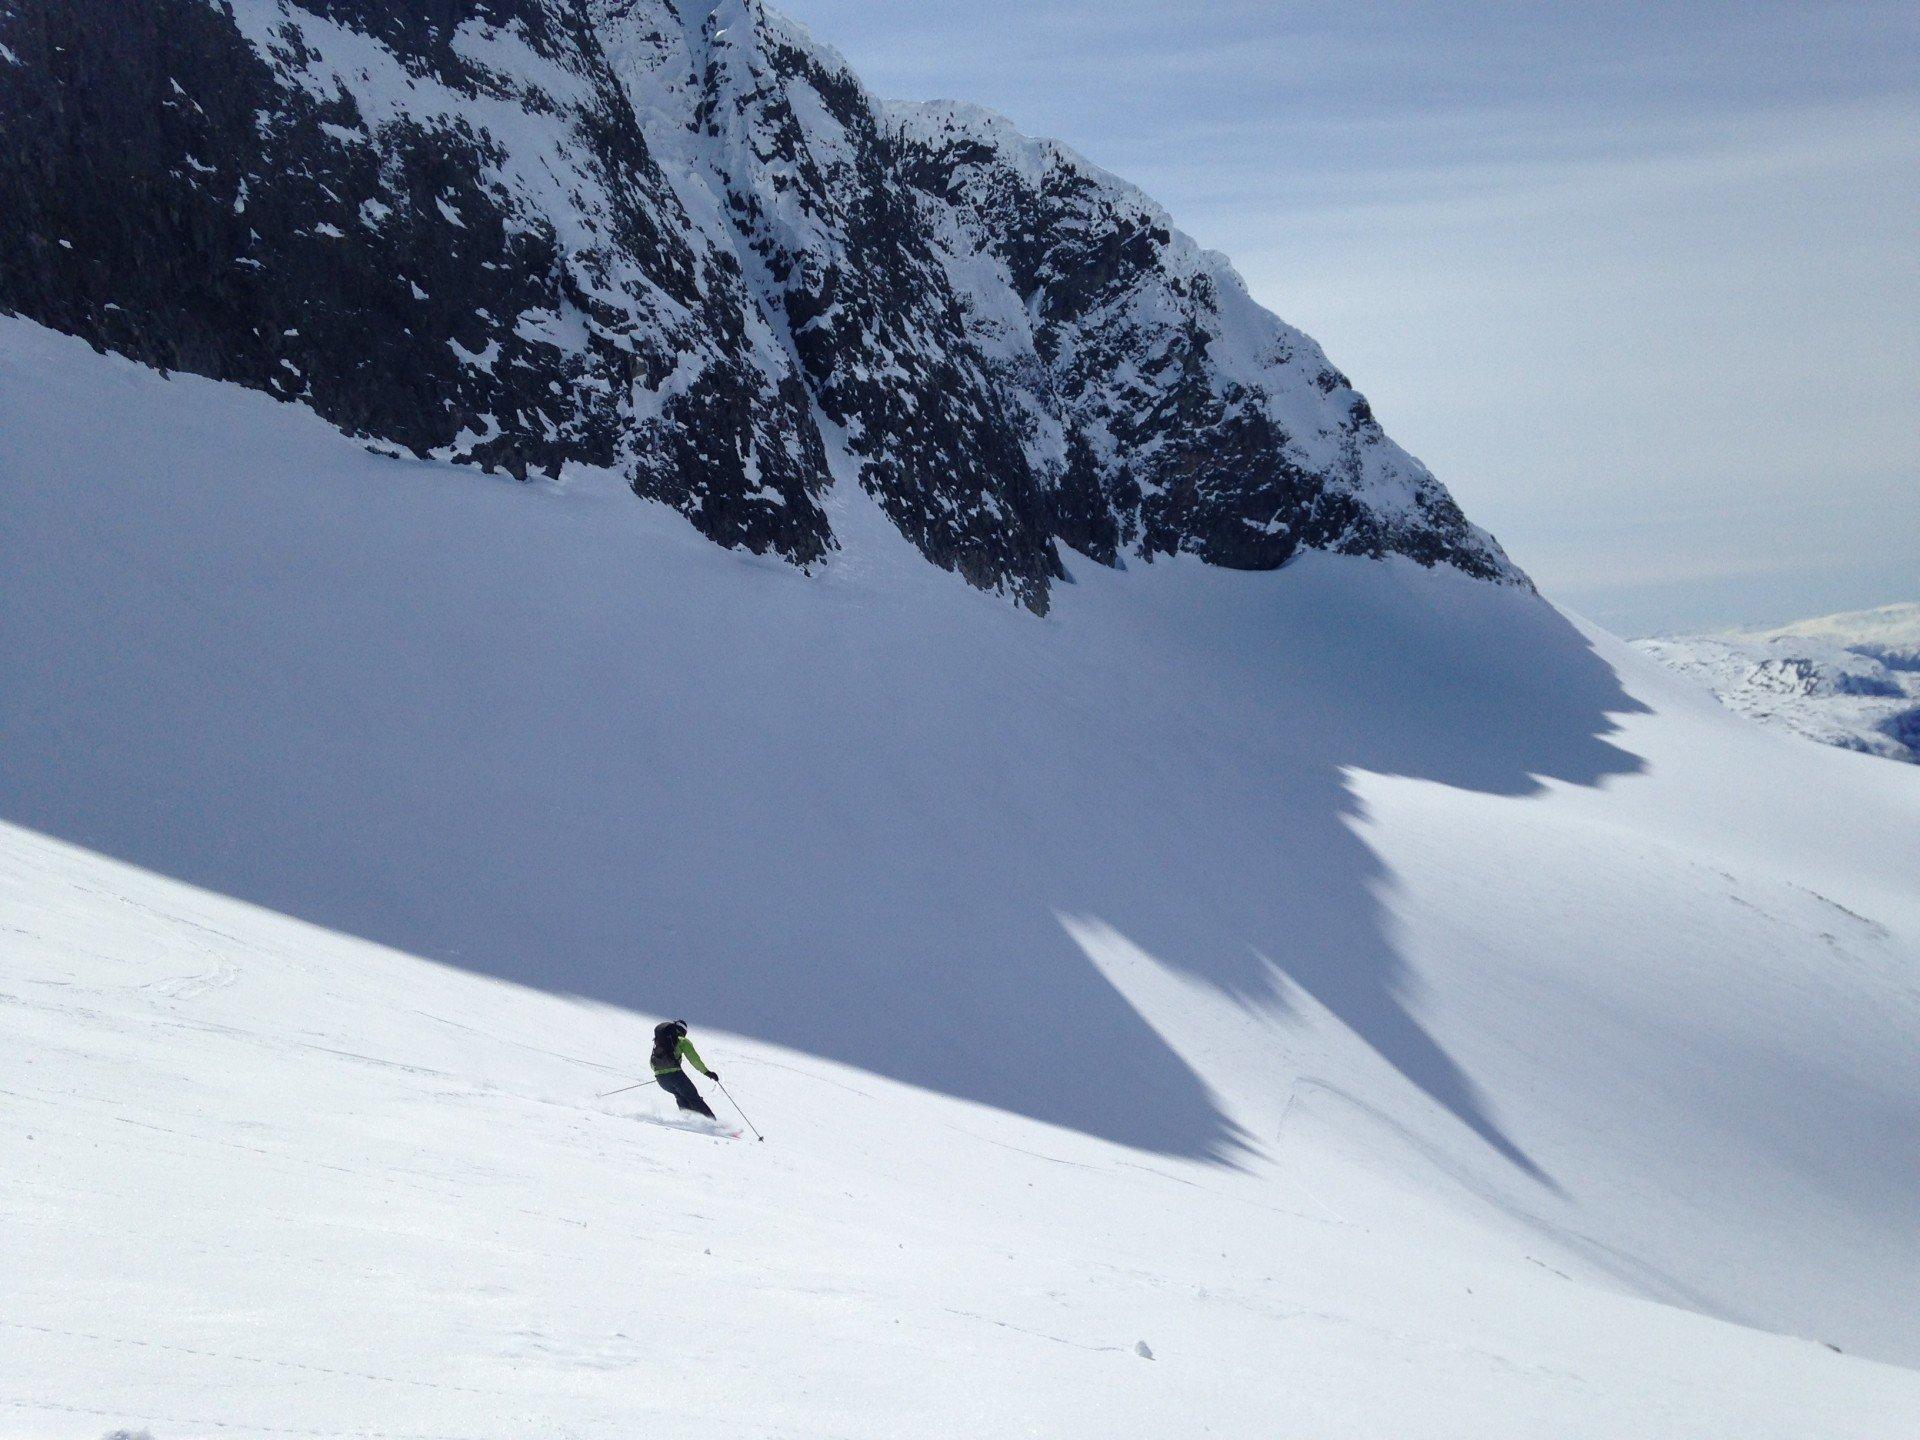 Jotunheimen skiing area in Norway